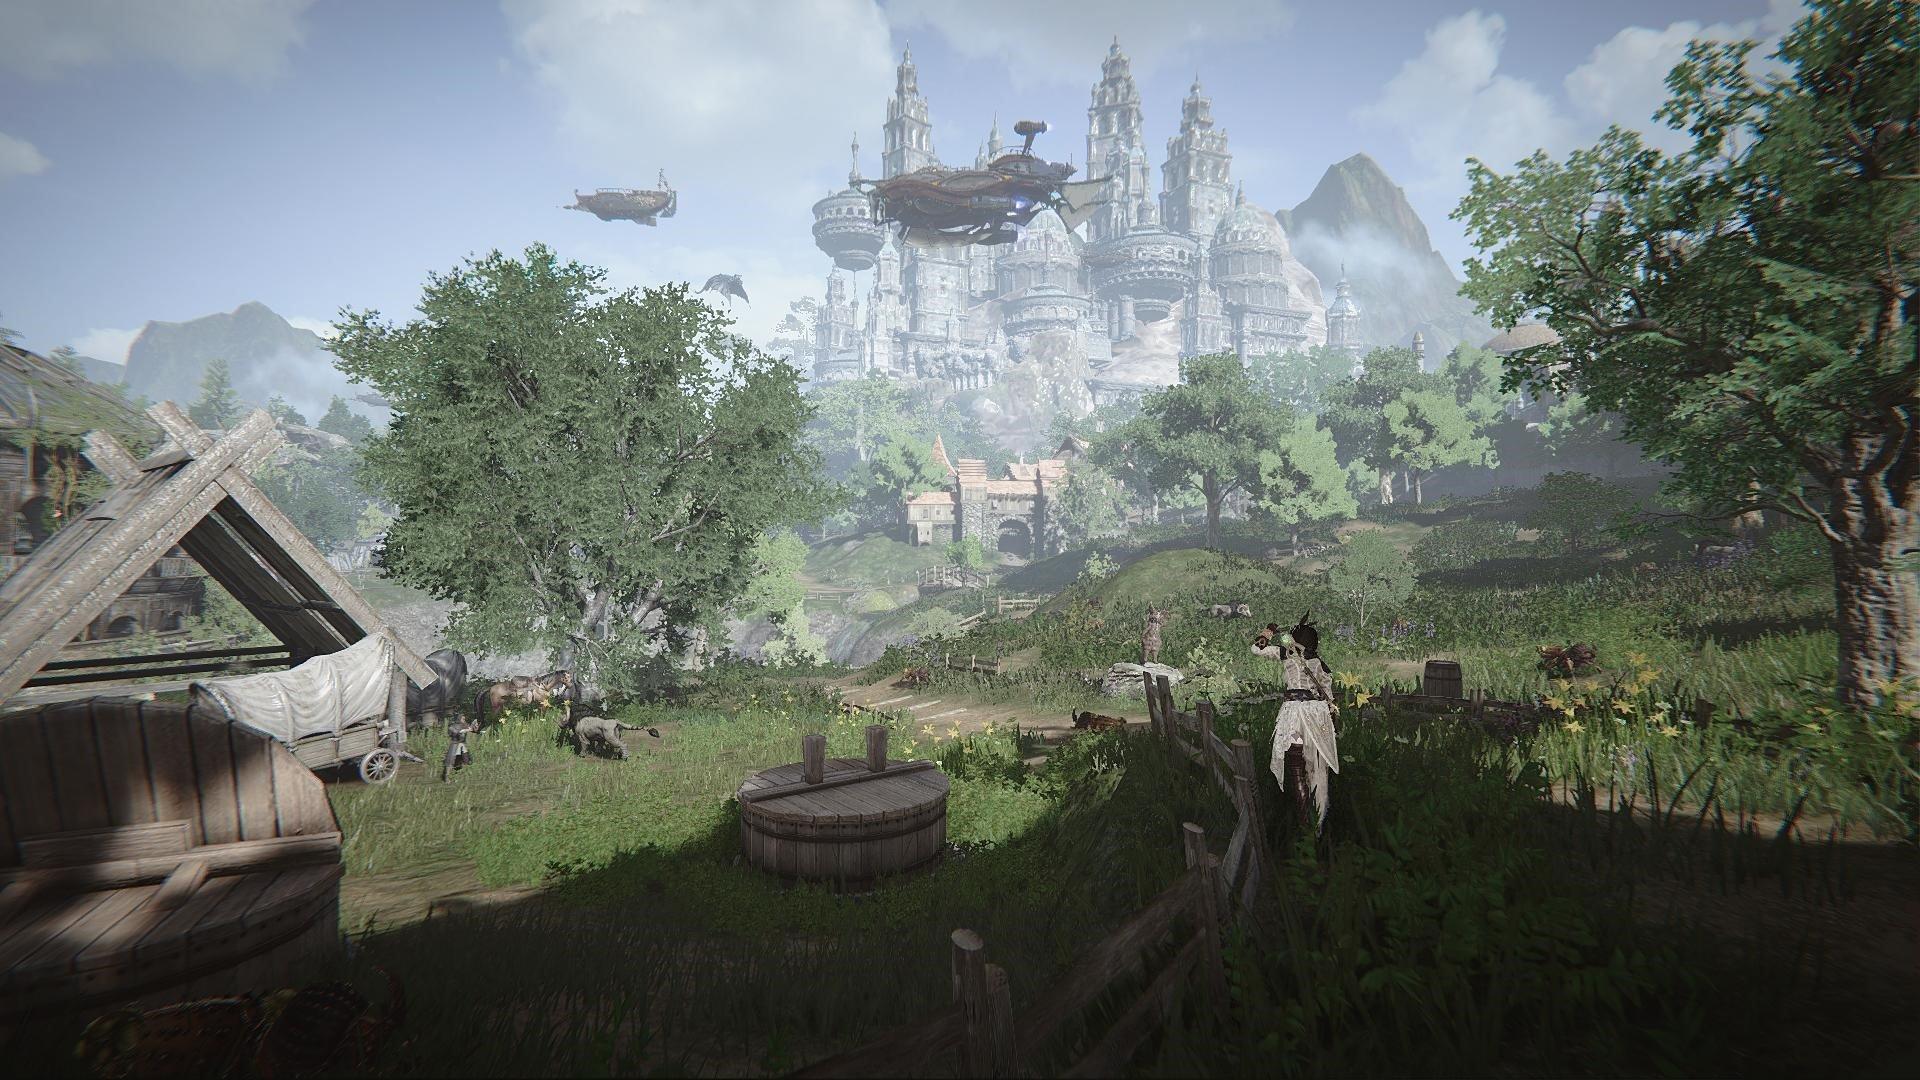 elyon ascent infinite realm MMO 2021 Gli MMO più attesi del 2021 e oltre video speciale MMORPG 2021 MMO.it 2021